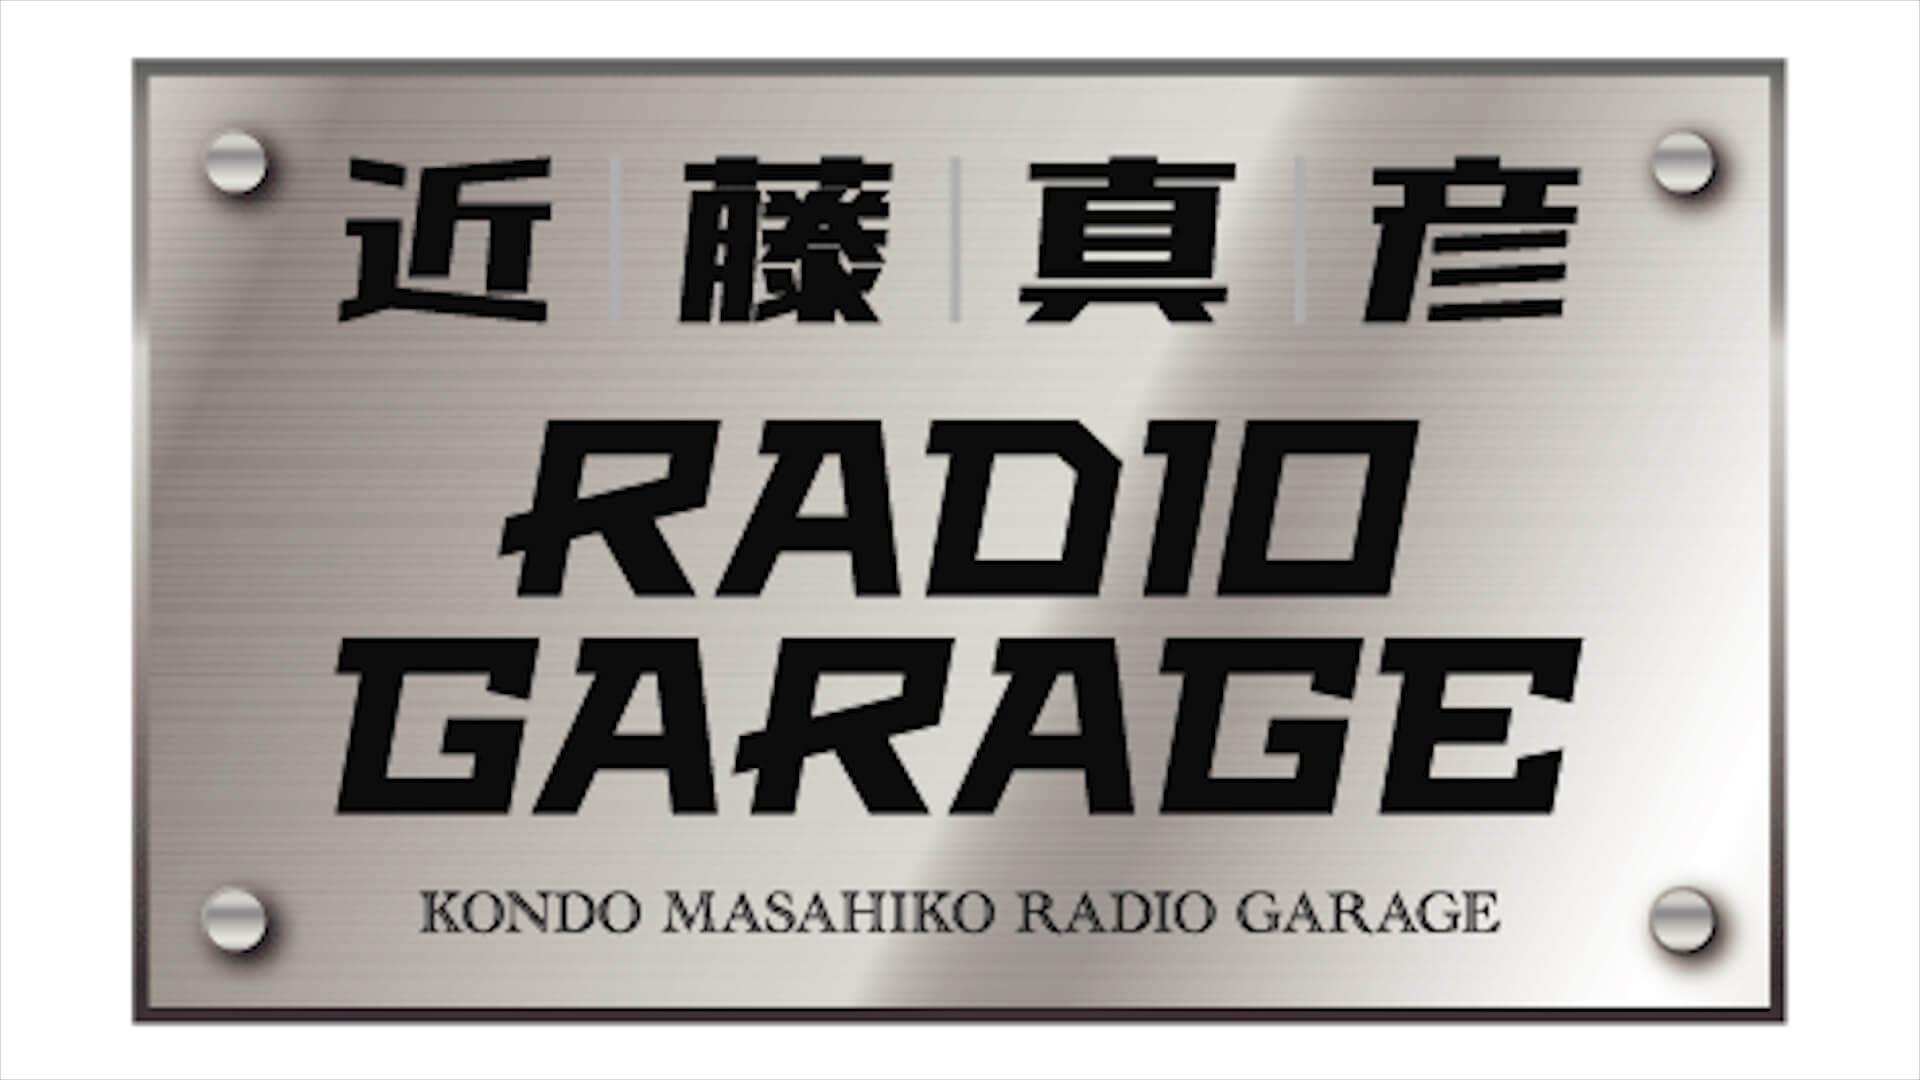 新番組『近藤真彦 RADIO GARAGE』初回ゲスト吉田照美さん